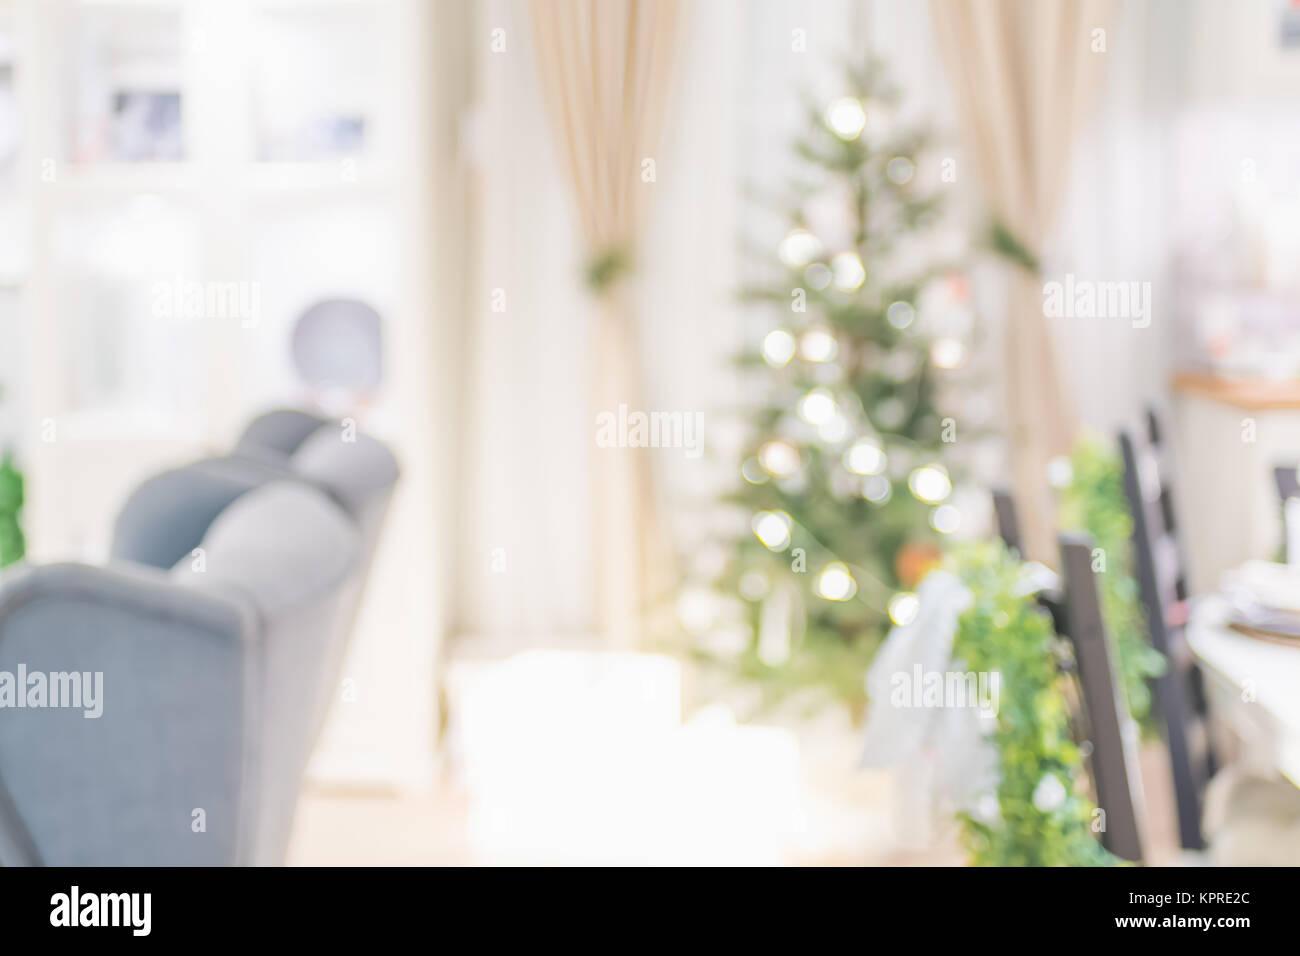 Weihnachtsbaum Mit Licht String Und Kugel Dekoration Mit Abstract Blur  Wohnzimmer Bokeh Hellen Hintergrund Zu Hause, Kulisse Für Winter Festliche